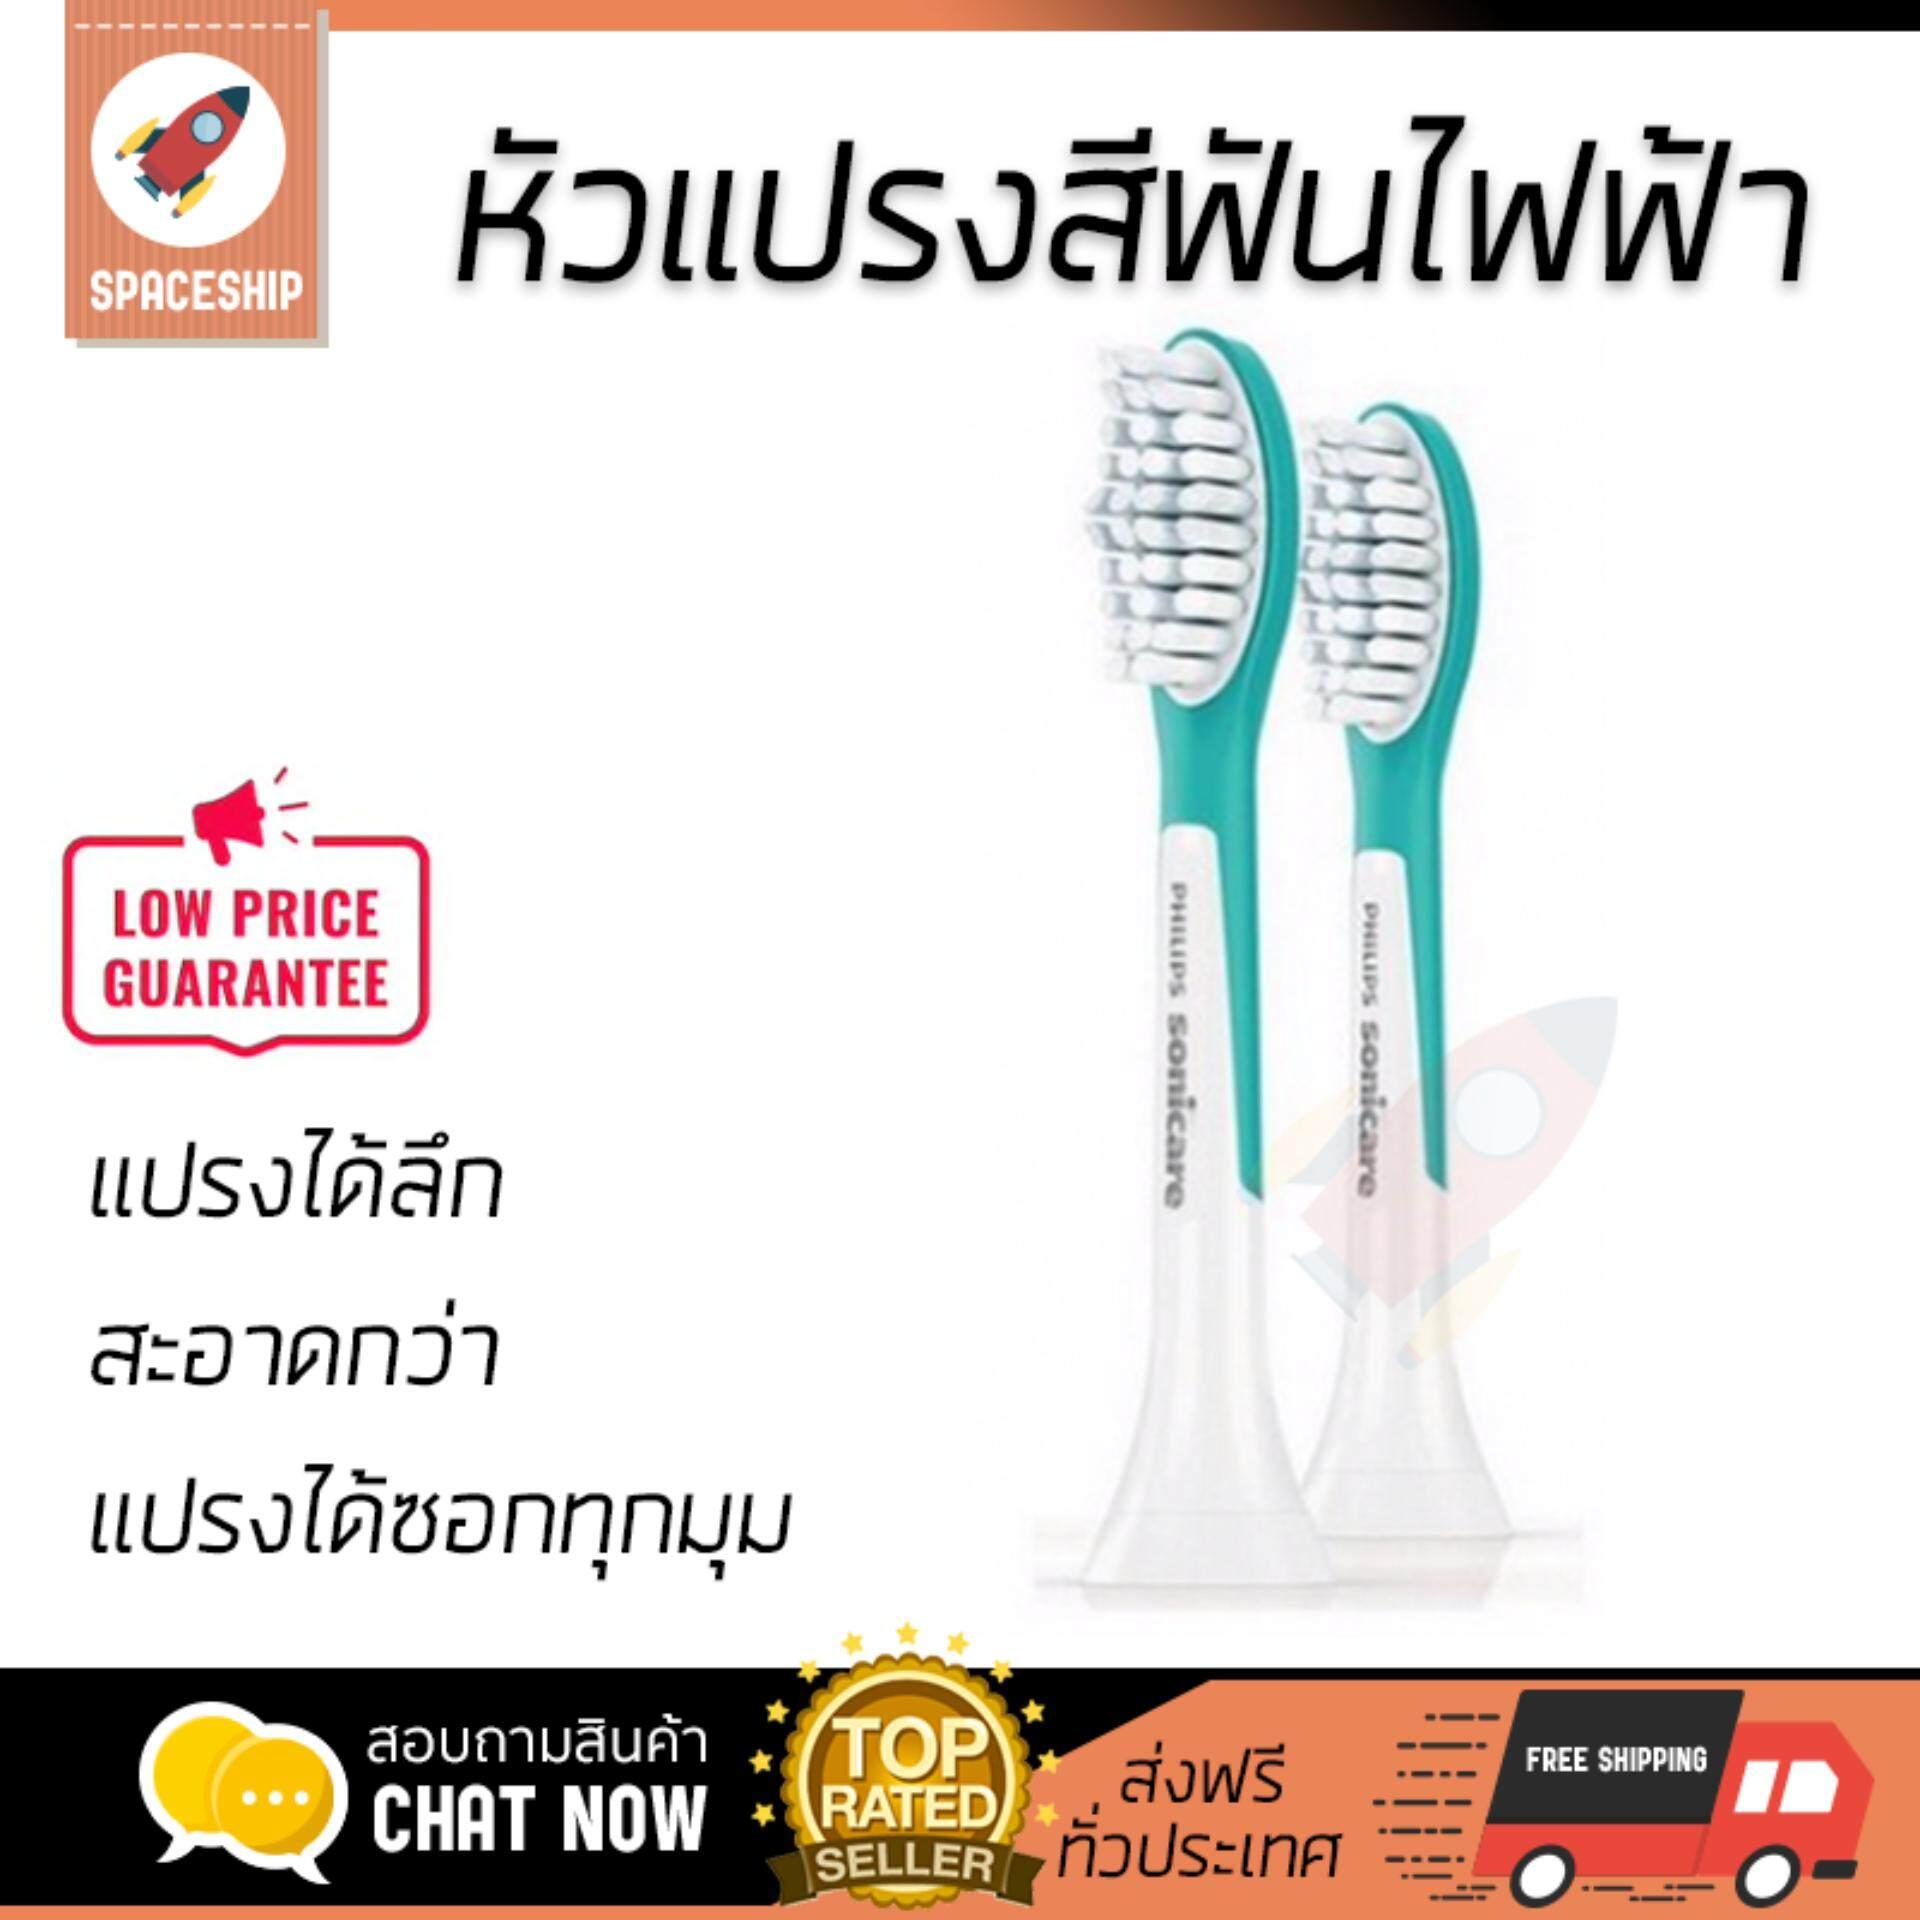 แม่ฮ่องสอน รุ่นใหม่ล่าสุด แปรงสีฟัน แปรงสีฟันไฟฟ้า หัวแปรงสีฟันไฟฟ้า PHILIPS HX6042 35 | PHILIPS | HX6042 35 สะดวก แปรงได้ลึกทุกซอกทุกมุม นุ่มนวล สะอาดกว่าแปรงทั่วไป Electric Toothbrushes จัดส่งฟรีทั่วประเทศ